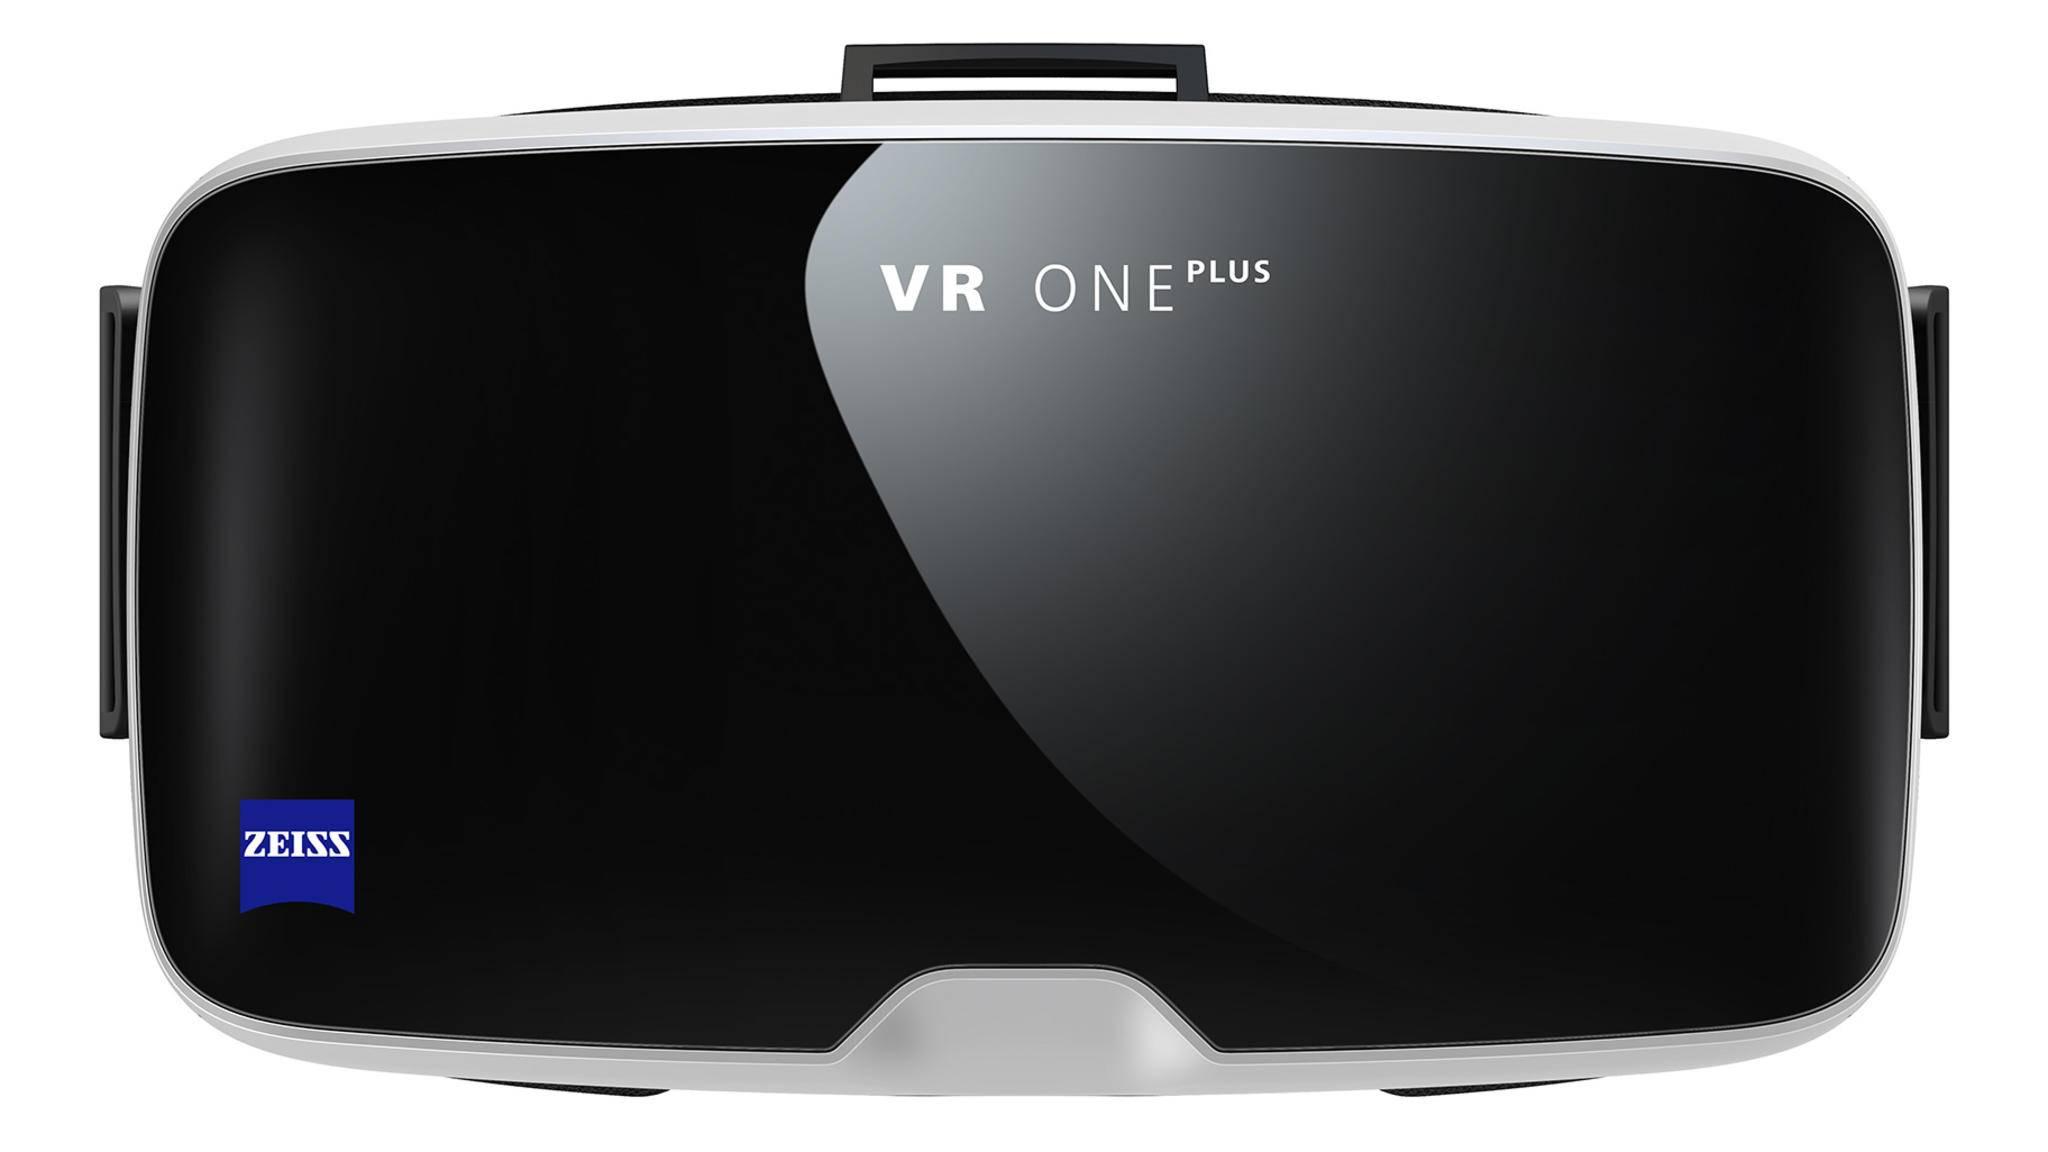 Folgt auf die VR-Brille demnächst ein AR-Headset in Zusammenarbeit mit Apple?